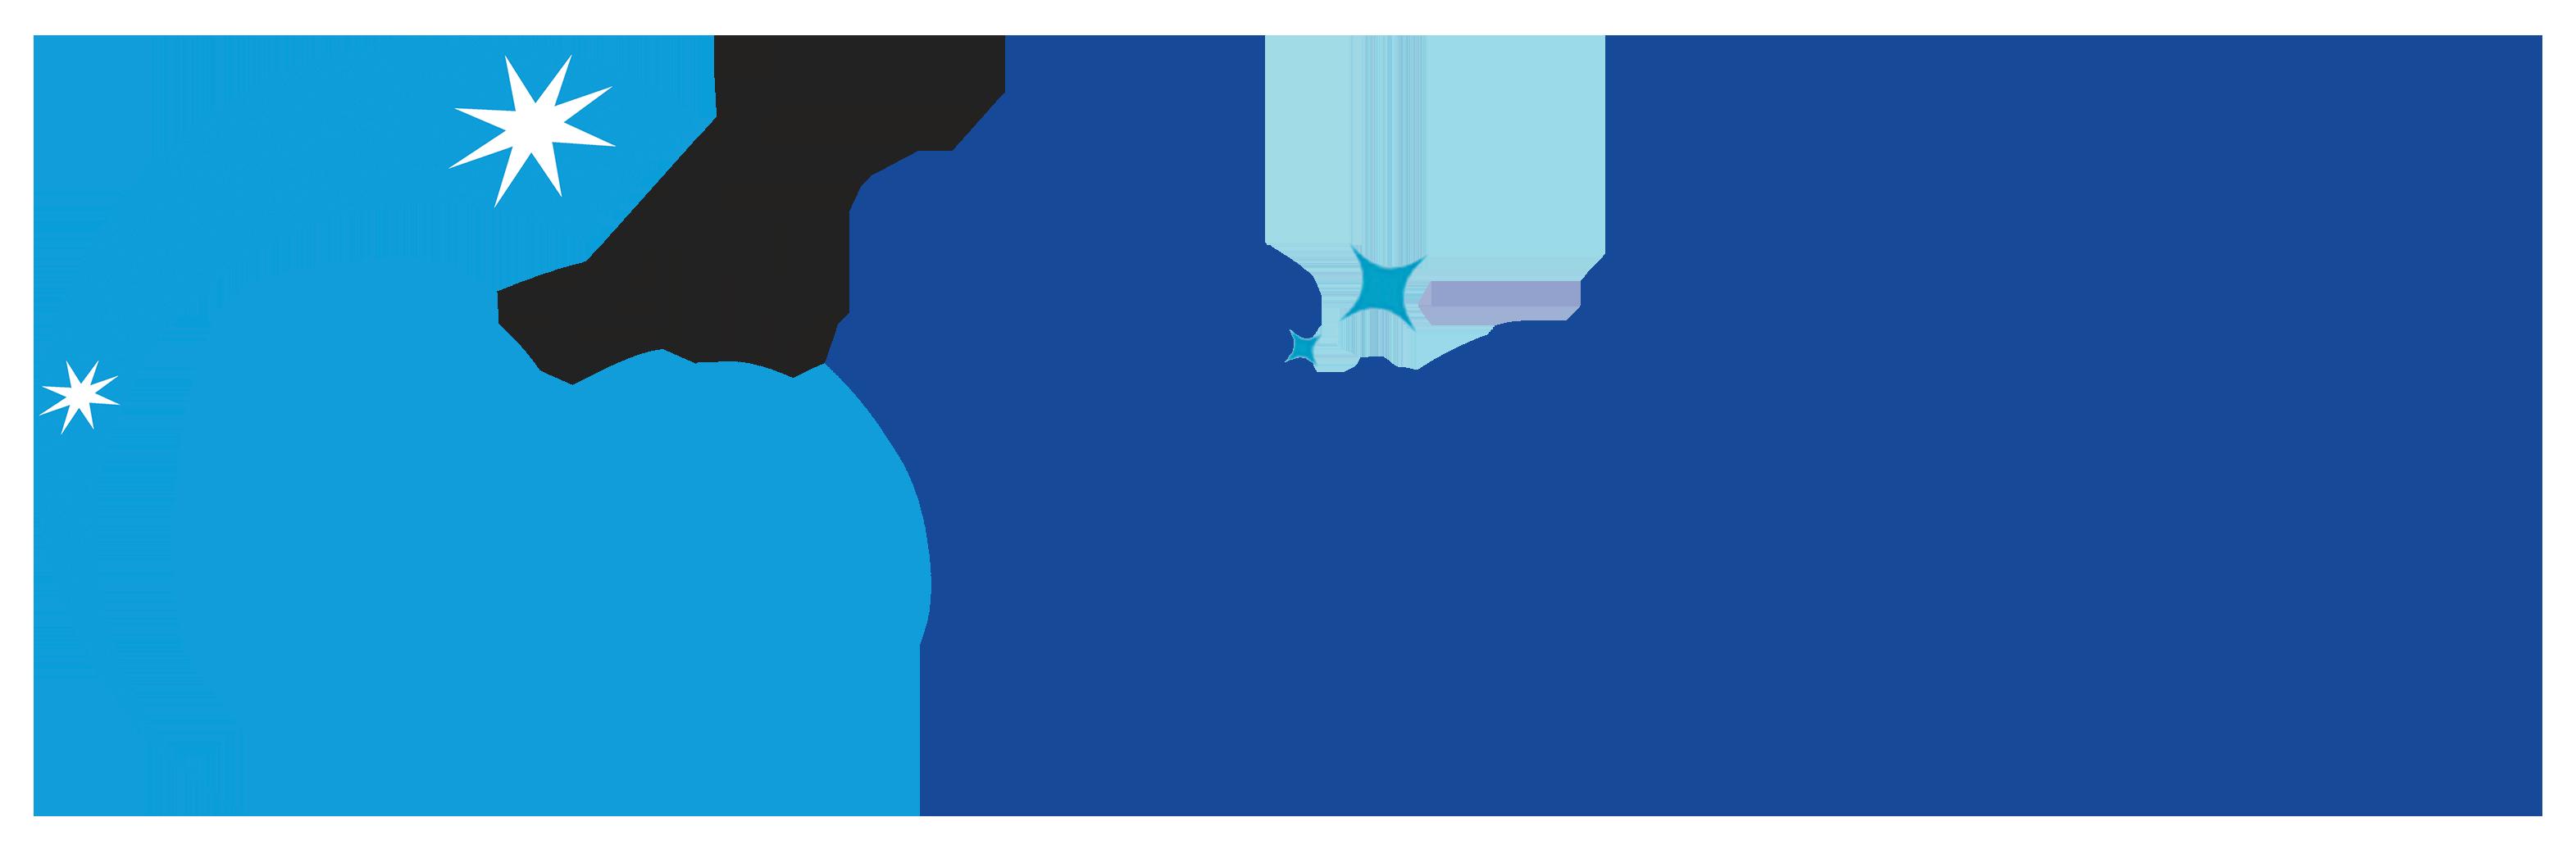 ProWindowz Inc logo